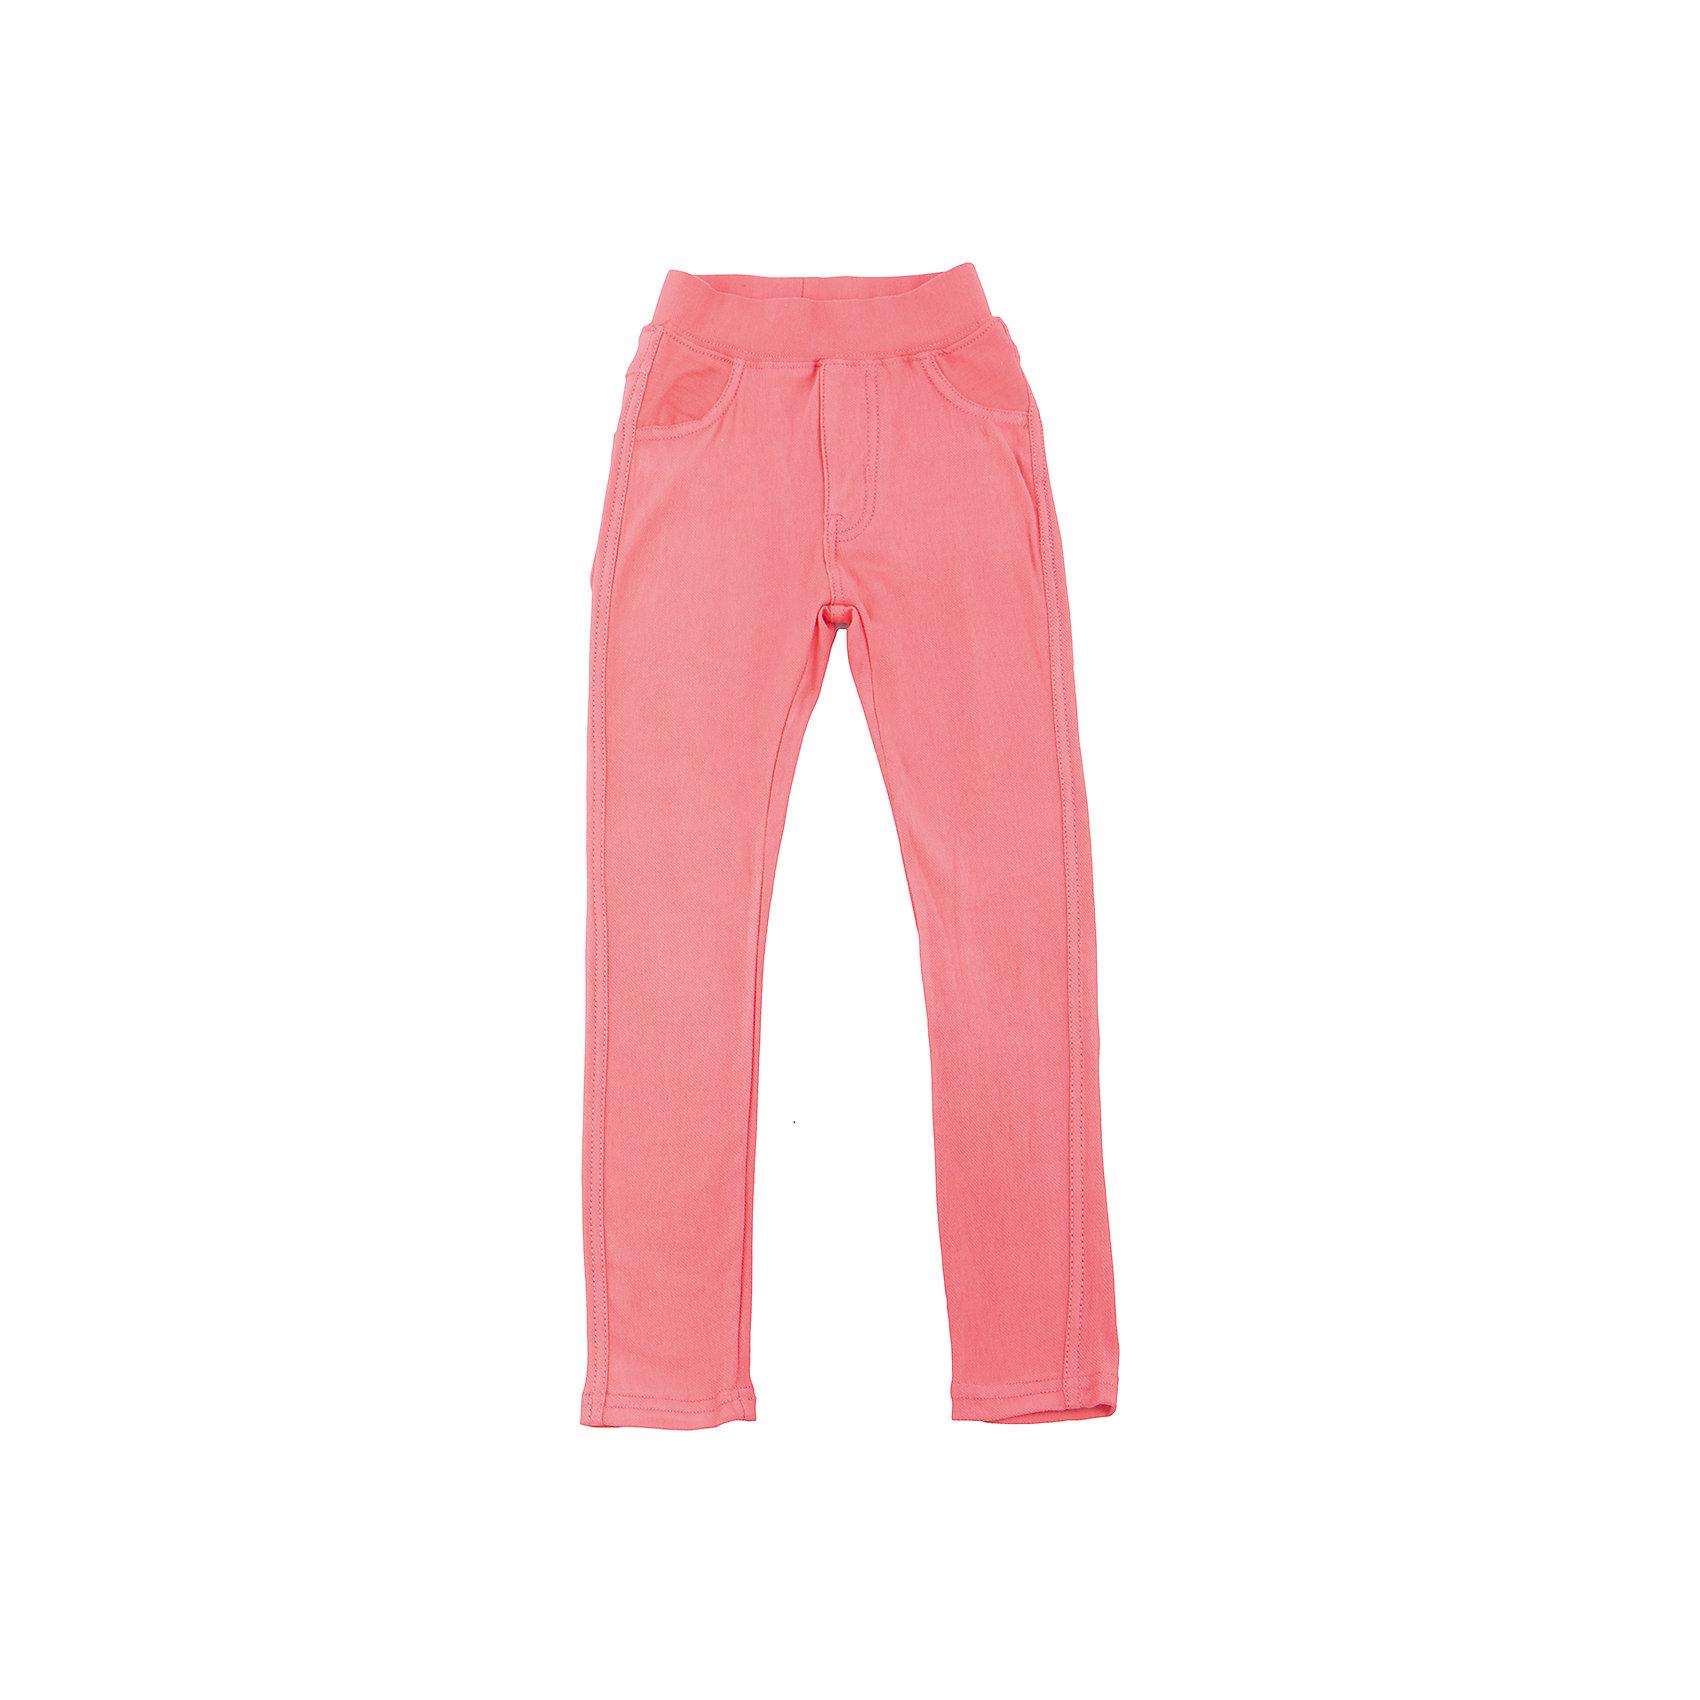 Леггинсы для девочки Sweet BerryЛеггинсы<br>Трикотажные брюки-джеггинсыдля девочки. Модель зауженного кроя. Два накладных кармана сзади.<br>Состав:<br>95%хлопок 5%эластан<br><br>Ширина мм: 123<br>Глубина мм: 10<br>Высота мм: 149<br>Вес г: 209<br>Цвет: оранжевый<br>Возраст от месяцев: 36<br>Возраст до месяцев: 48<br>Пол: Женский<br>Возраст: Детский<br>Размер: 104,98,110,116,122,128<br>SKU: 5412244